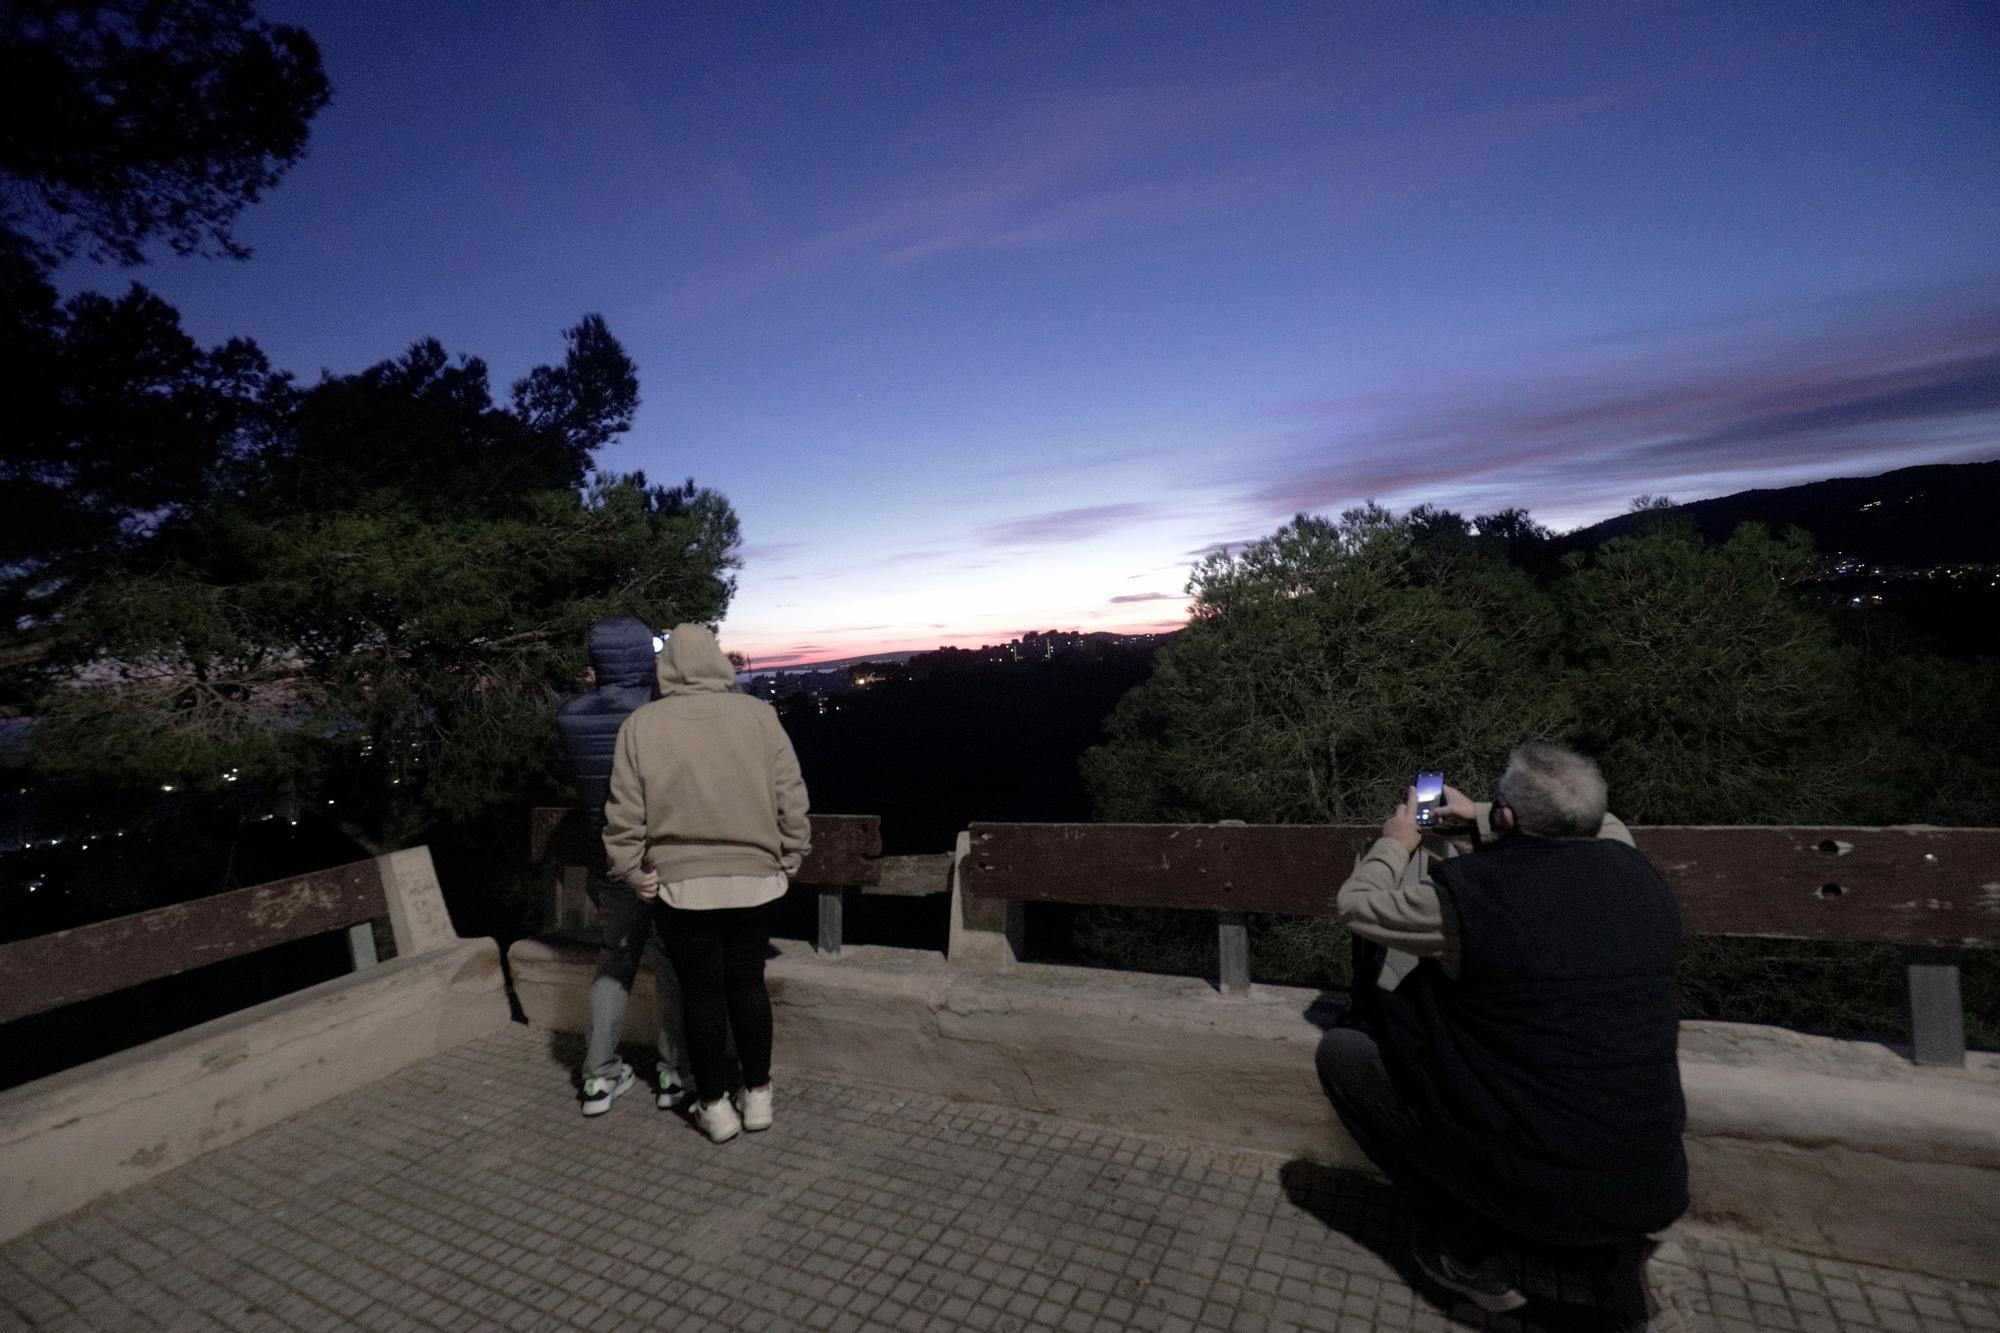 Conjunción de Júpiter y Saturno: Mallorca vive hoy su gran noche astronómica